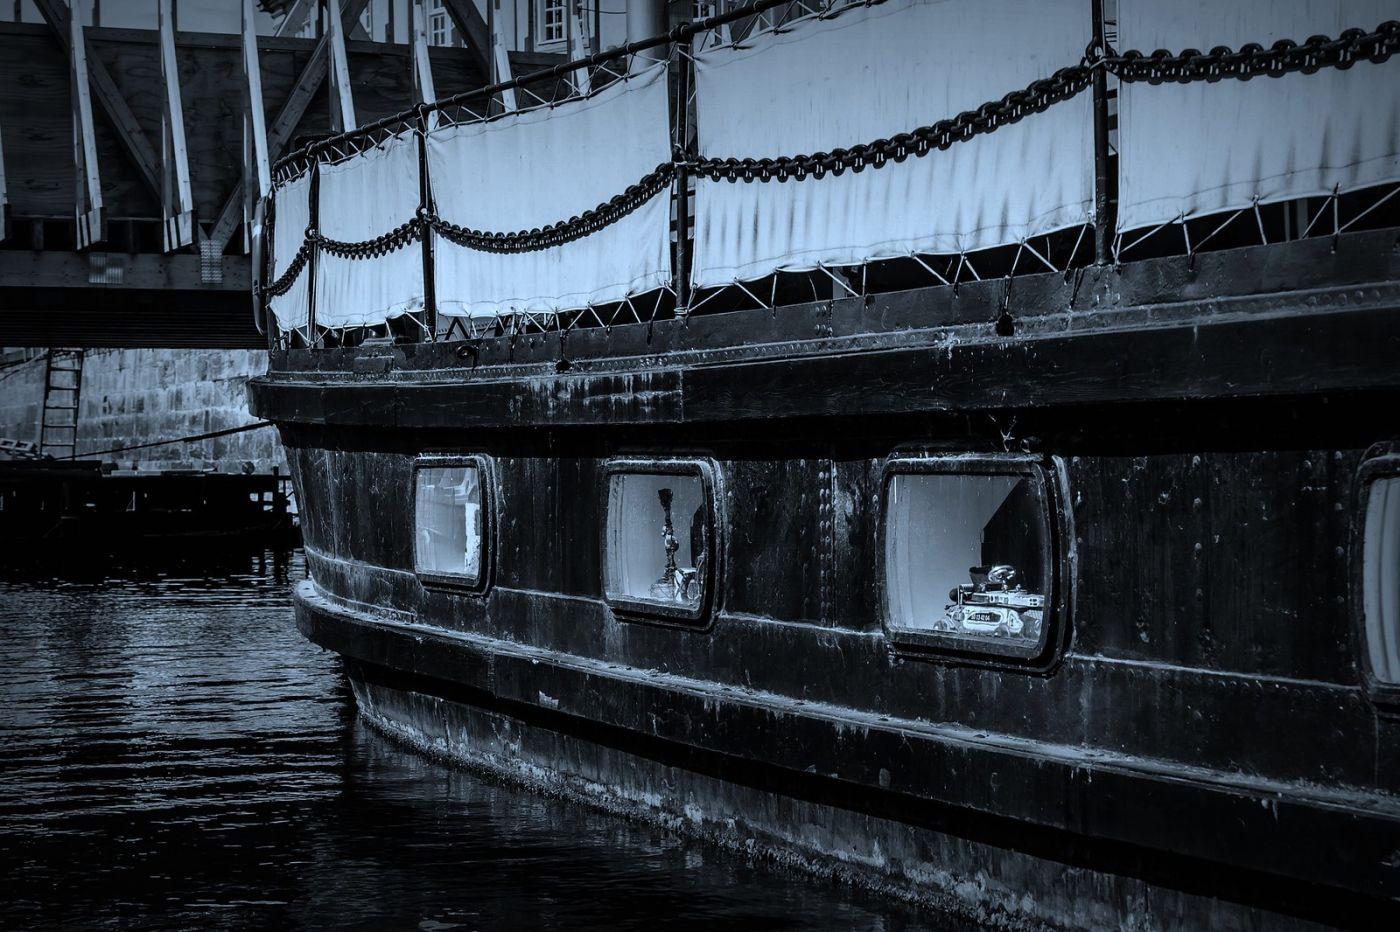 丹麦哥本哈根,坐船看市景_图1-36